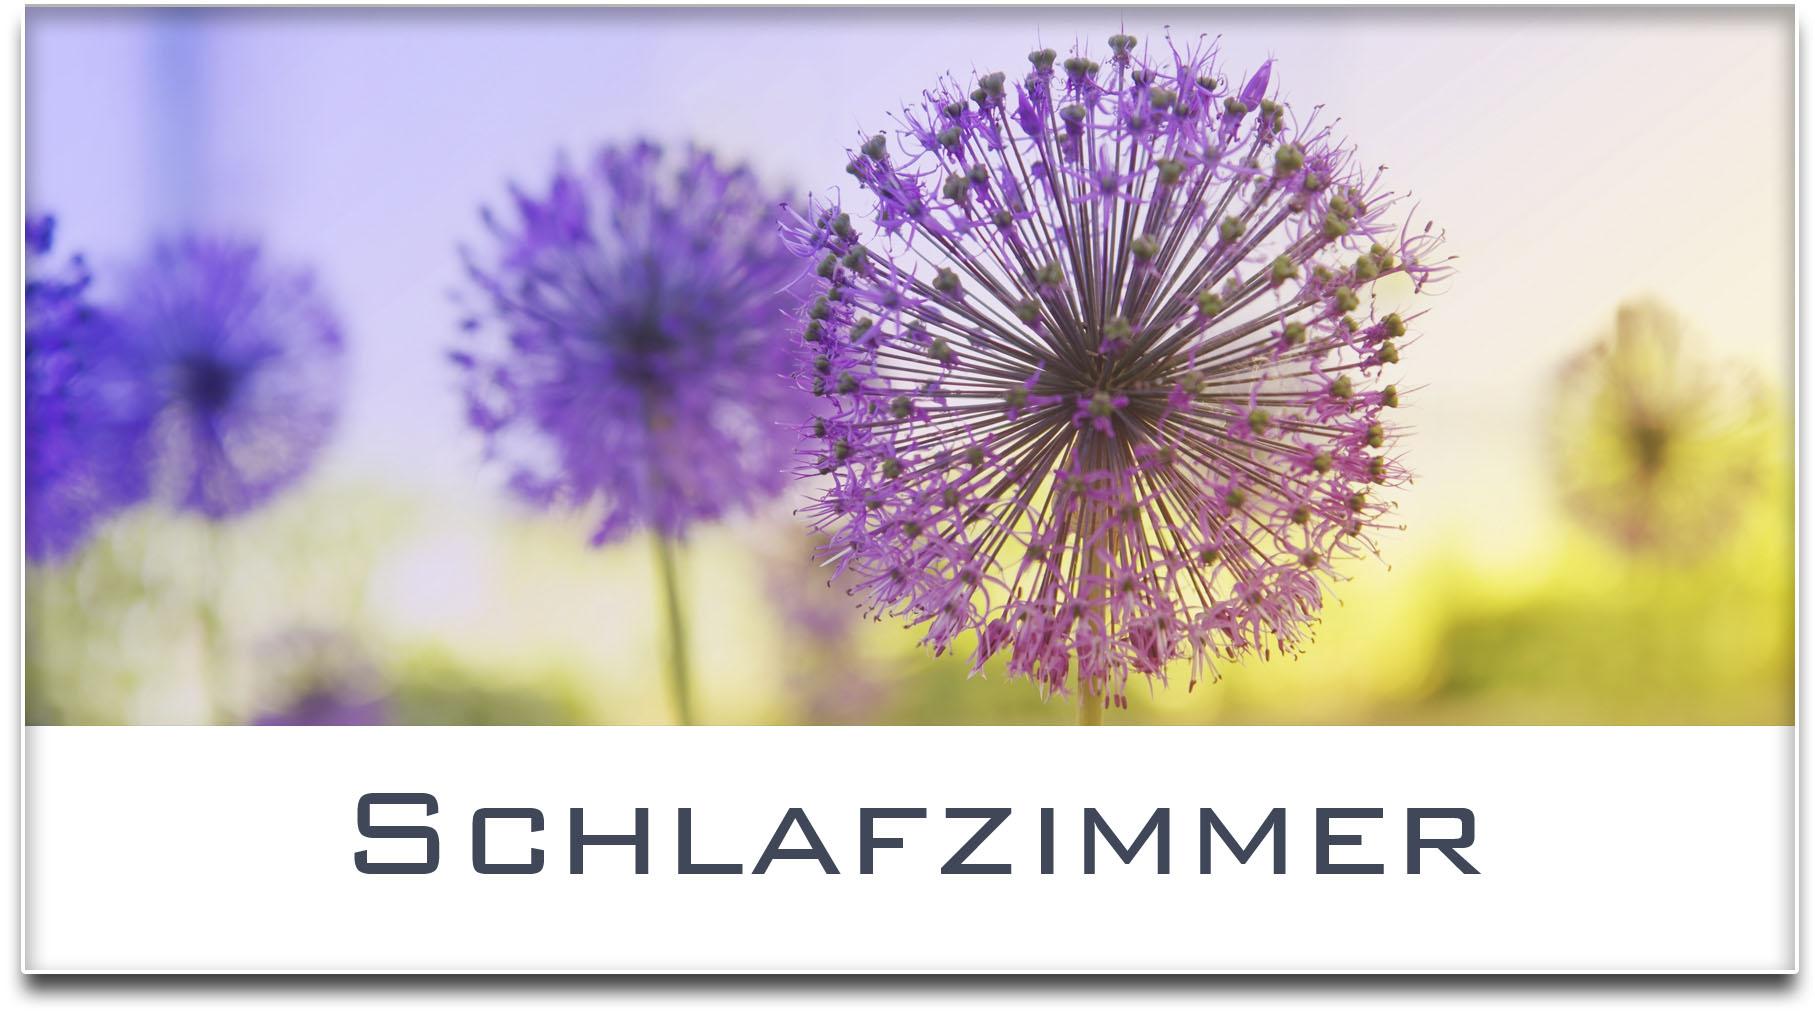 Türschild / Haustürschild / Blume / Schlafzimmer / Selbstklebend